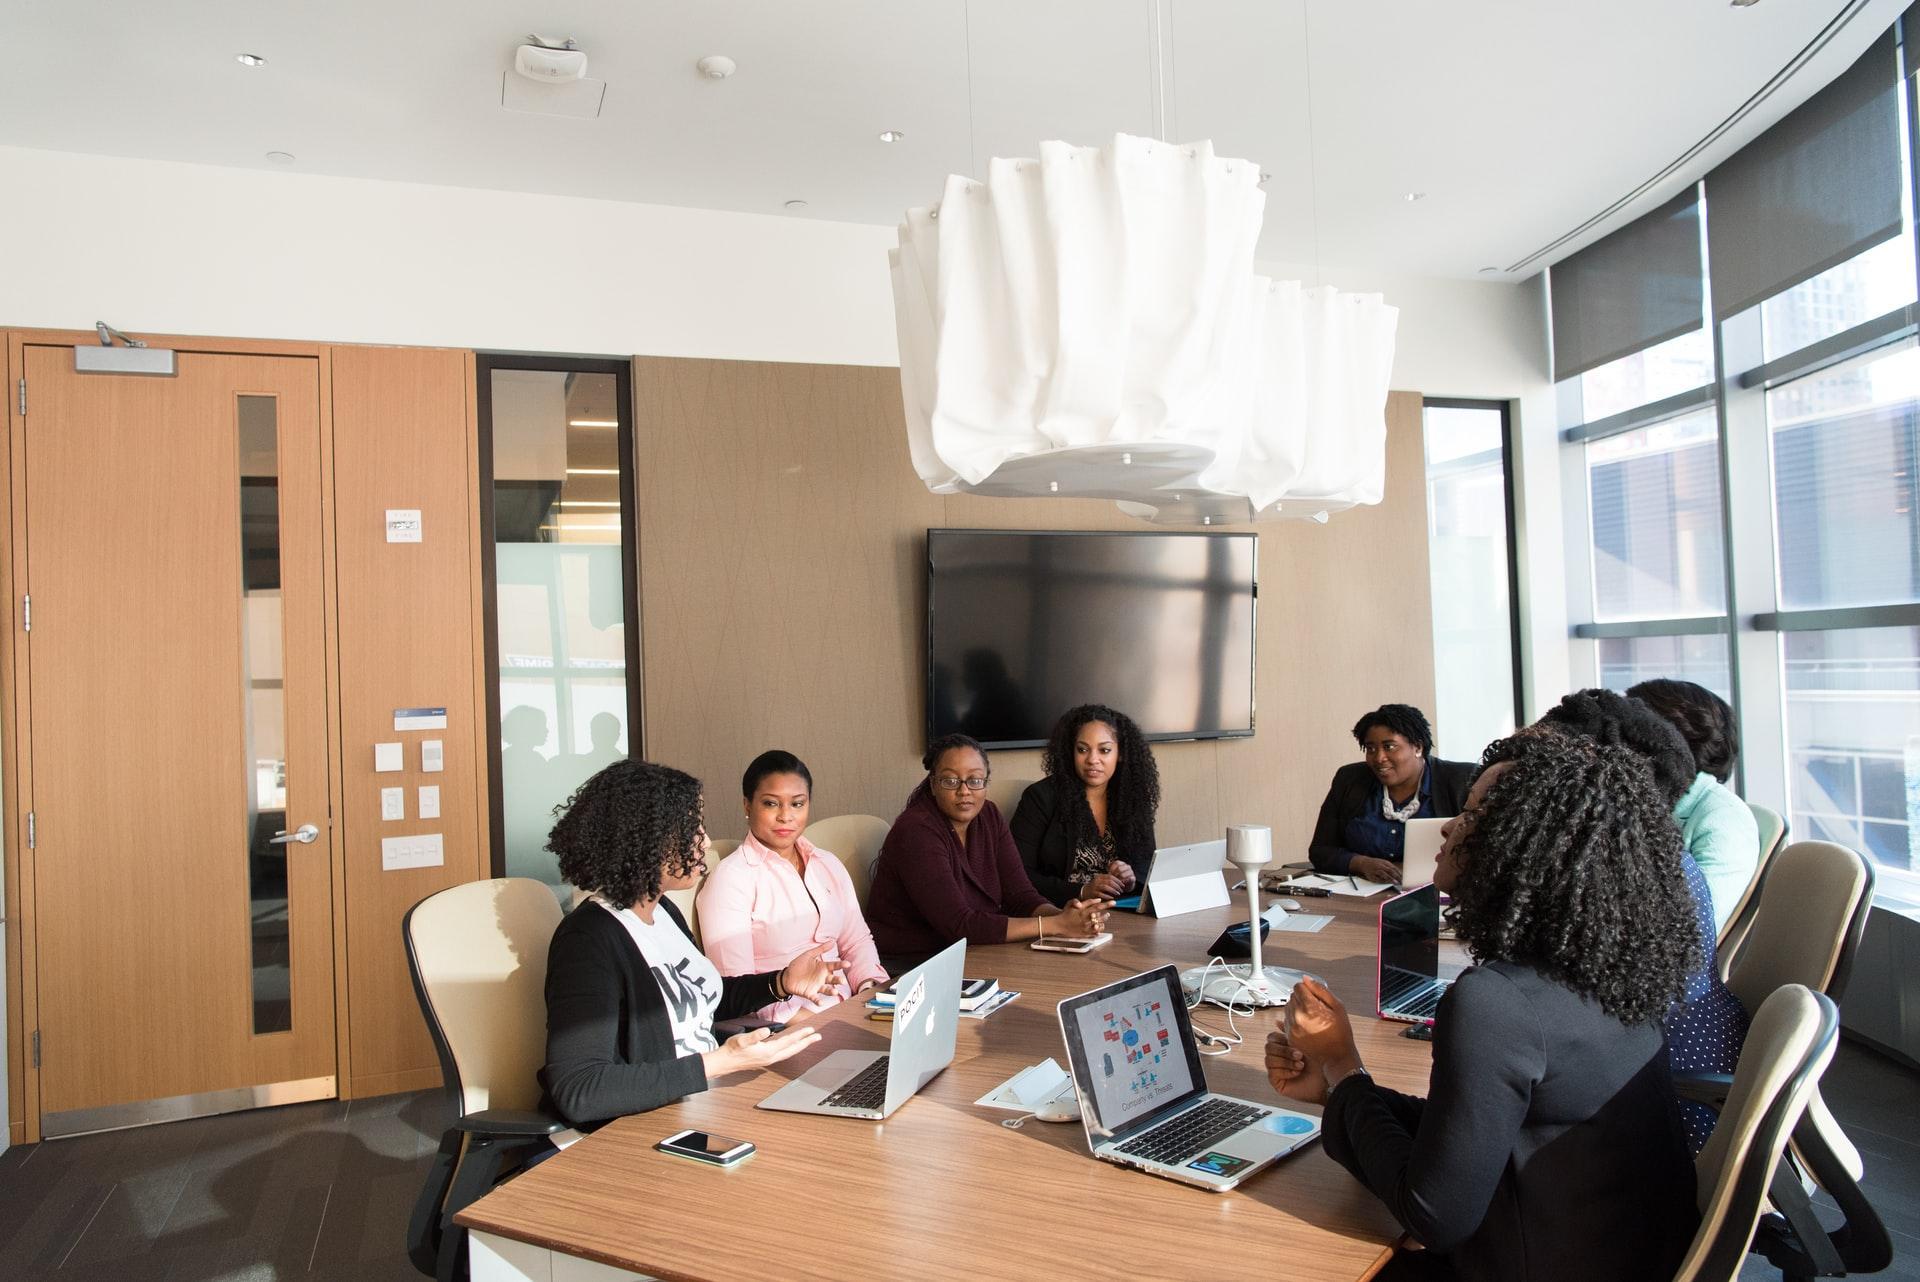 Trainee para negros. Mulheres em reunião. Magalu processo seletivo